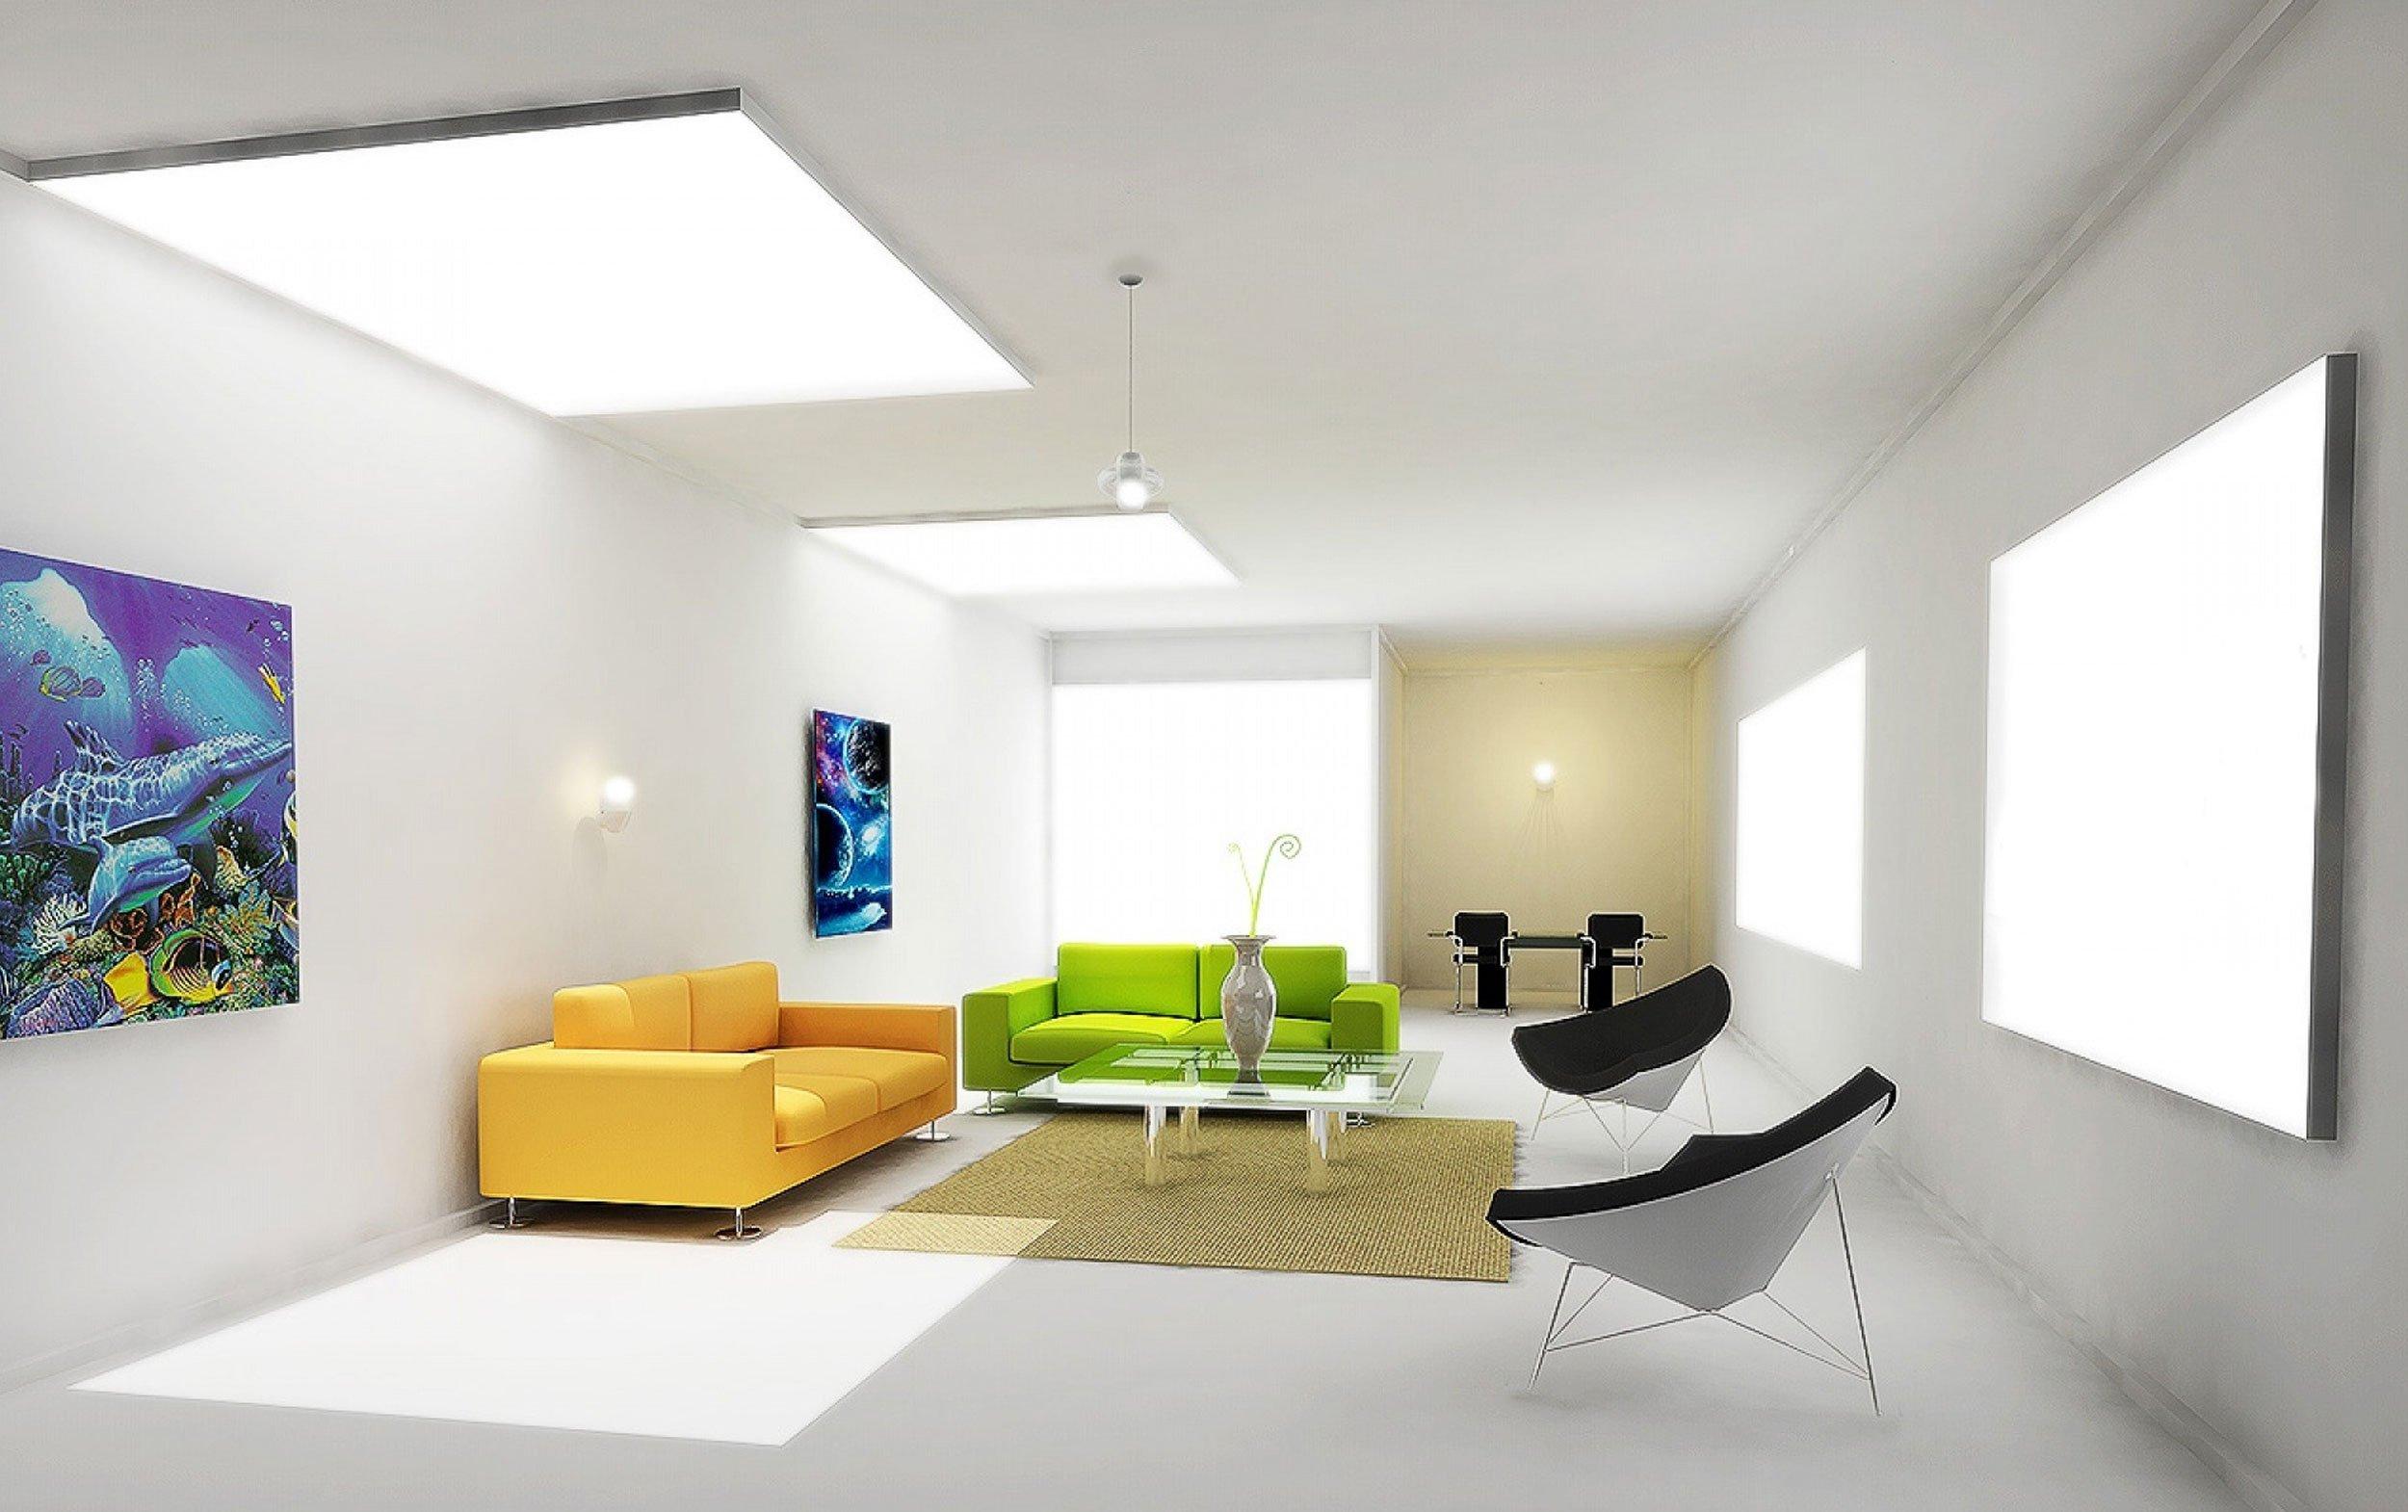 Apartment condominium condo interior design room house home ...